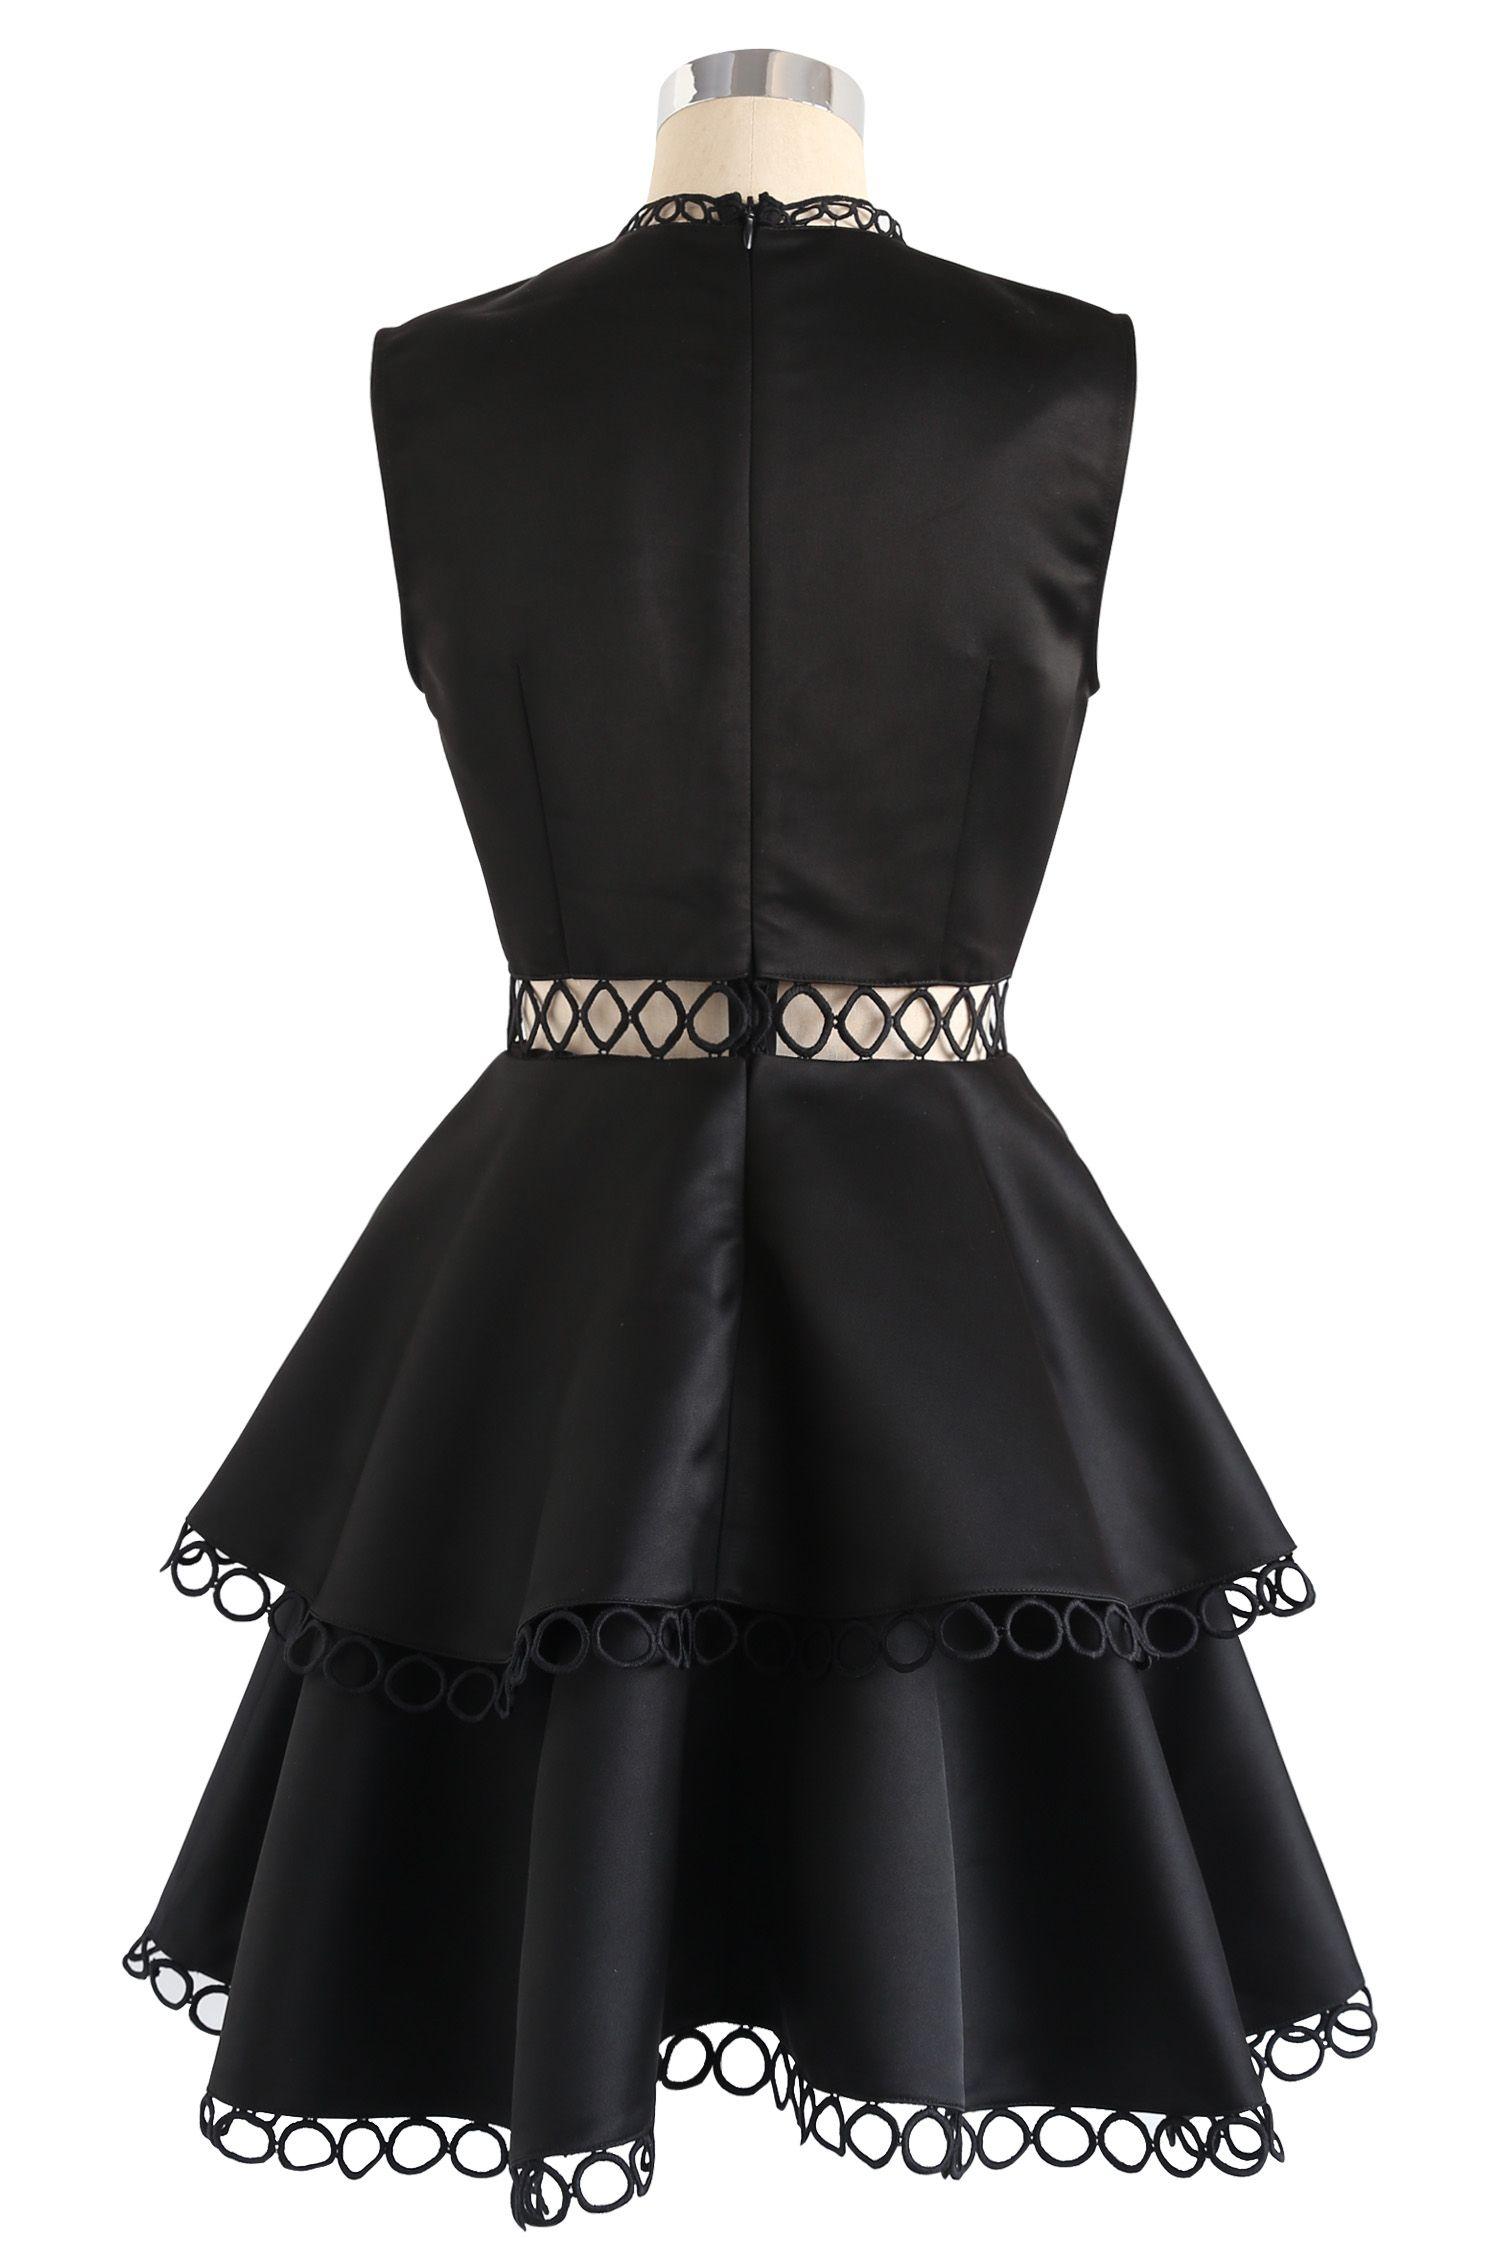 zeigen sie ihre eleganz - Ärmelloses schwarzes kleid mit ausschnitt